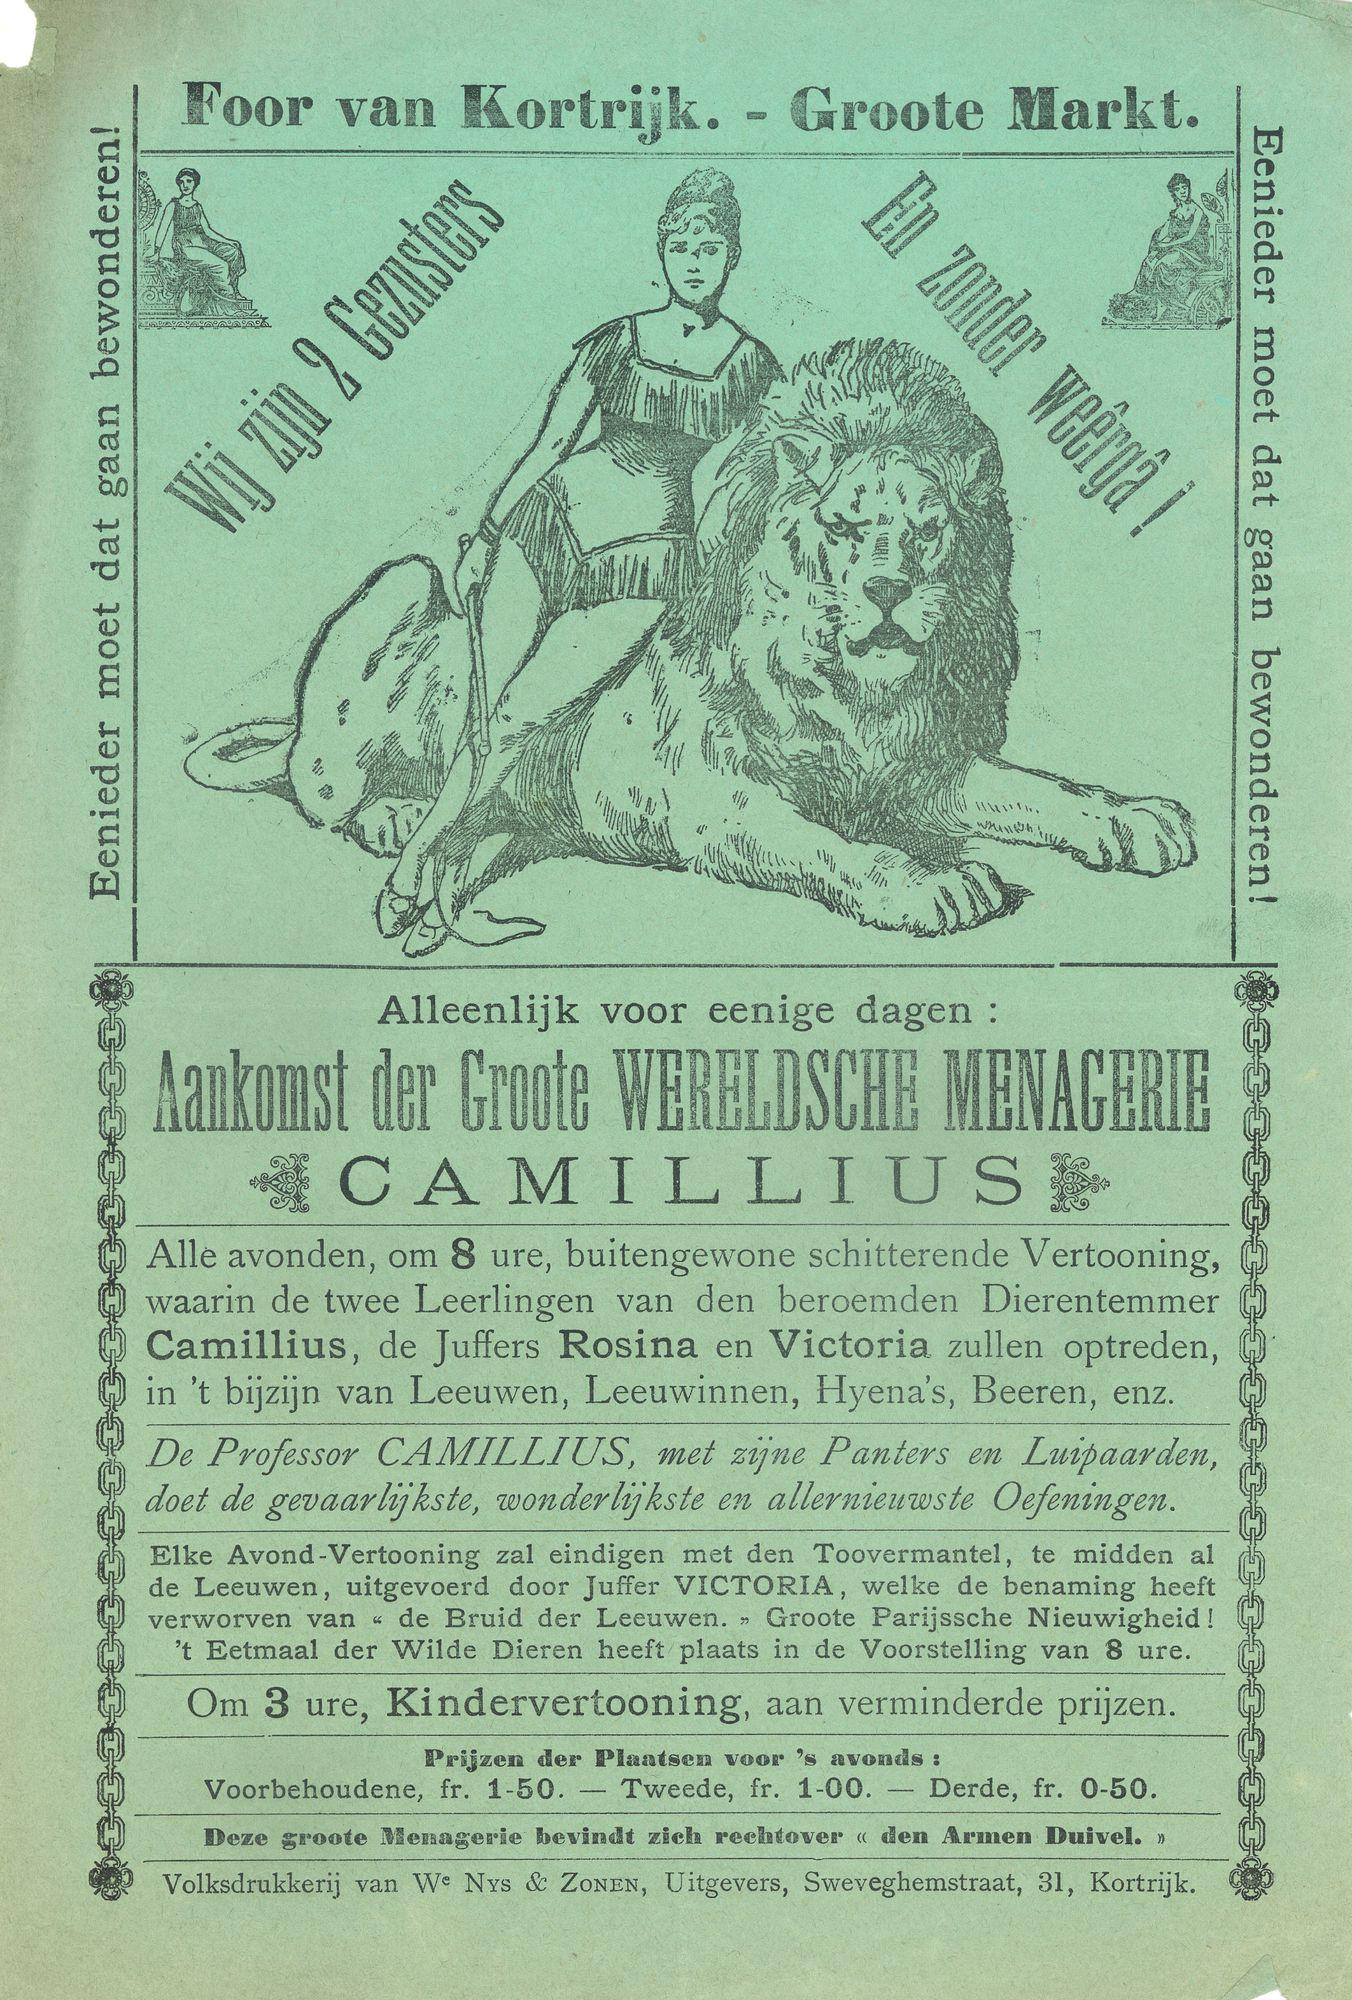 Paasfoor 1902: Menagerie Camillius